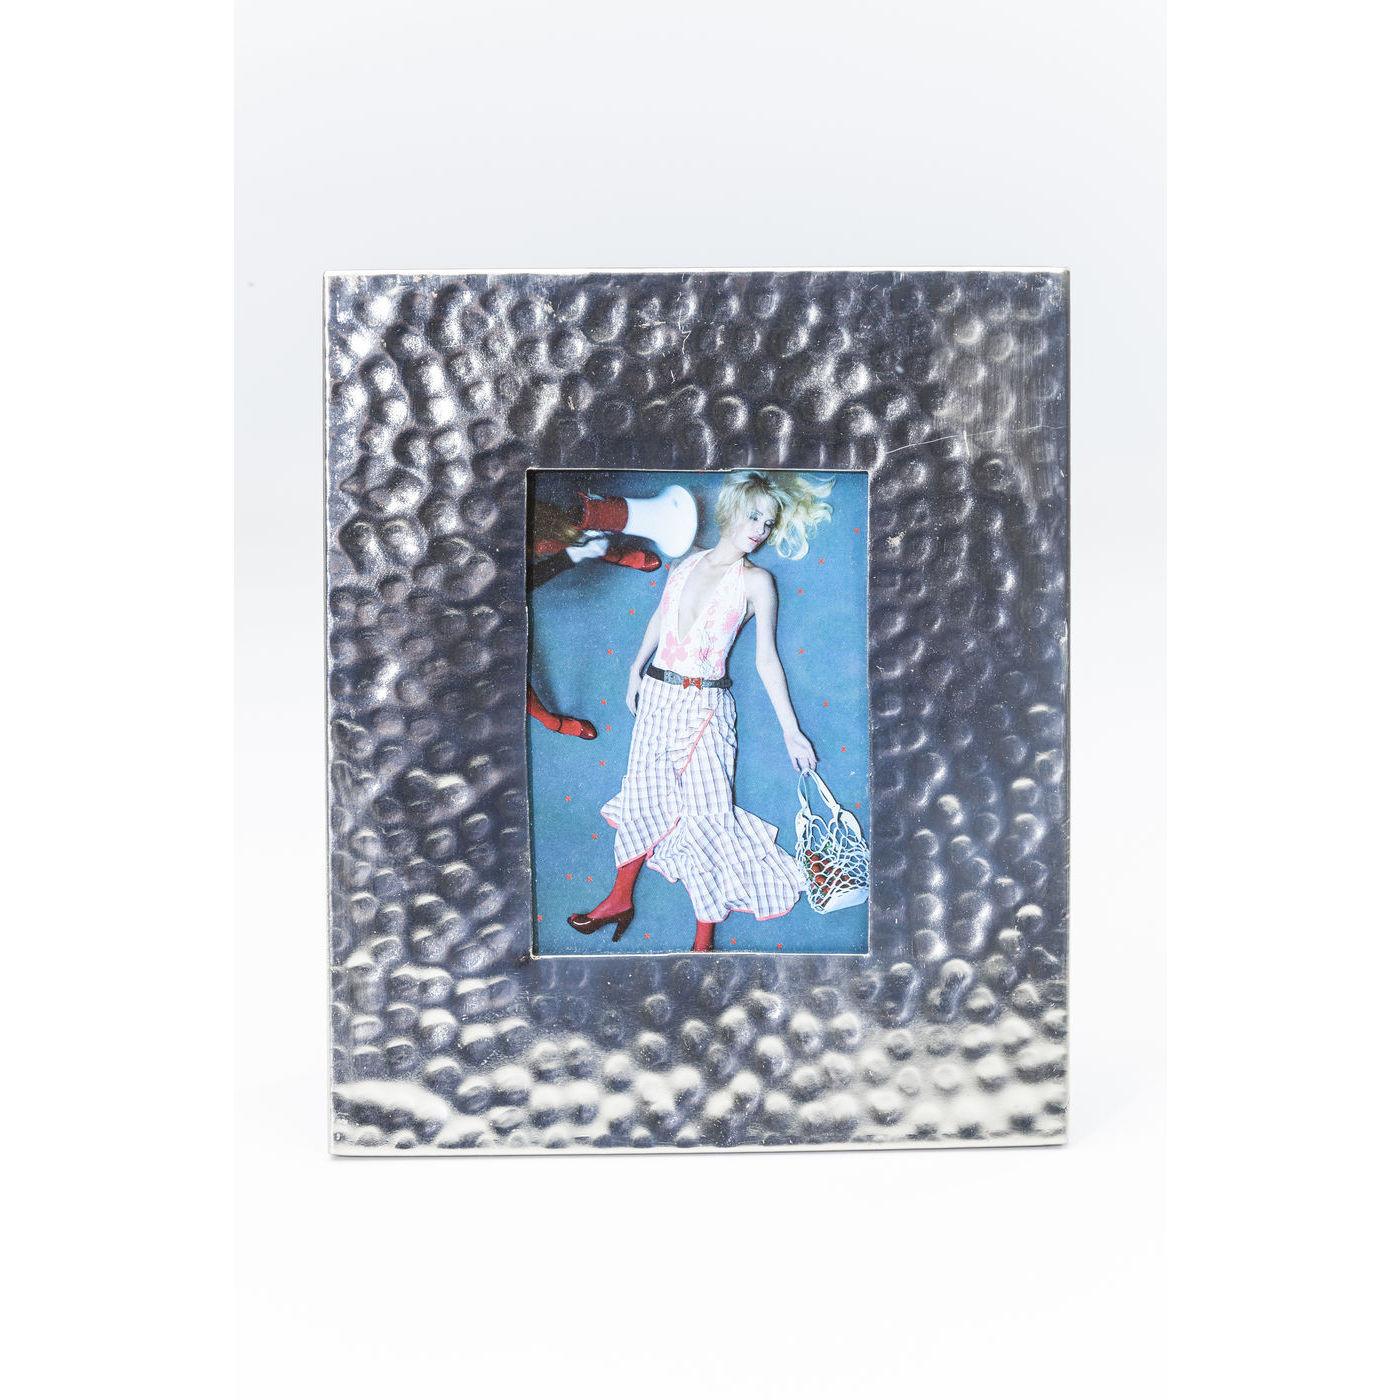 rahmen lunar silver 10x15cm kare design mutoni m bel. Black Bedroom Furniture Sets. Home Design Ideas